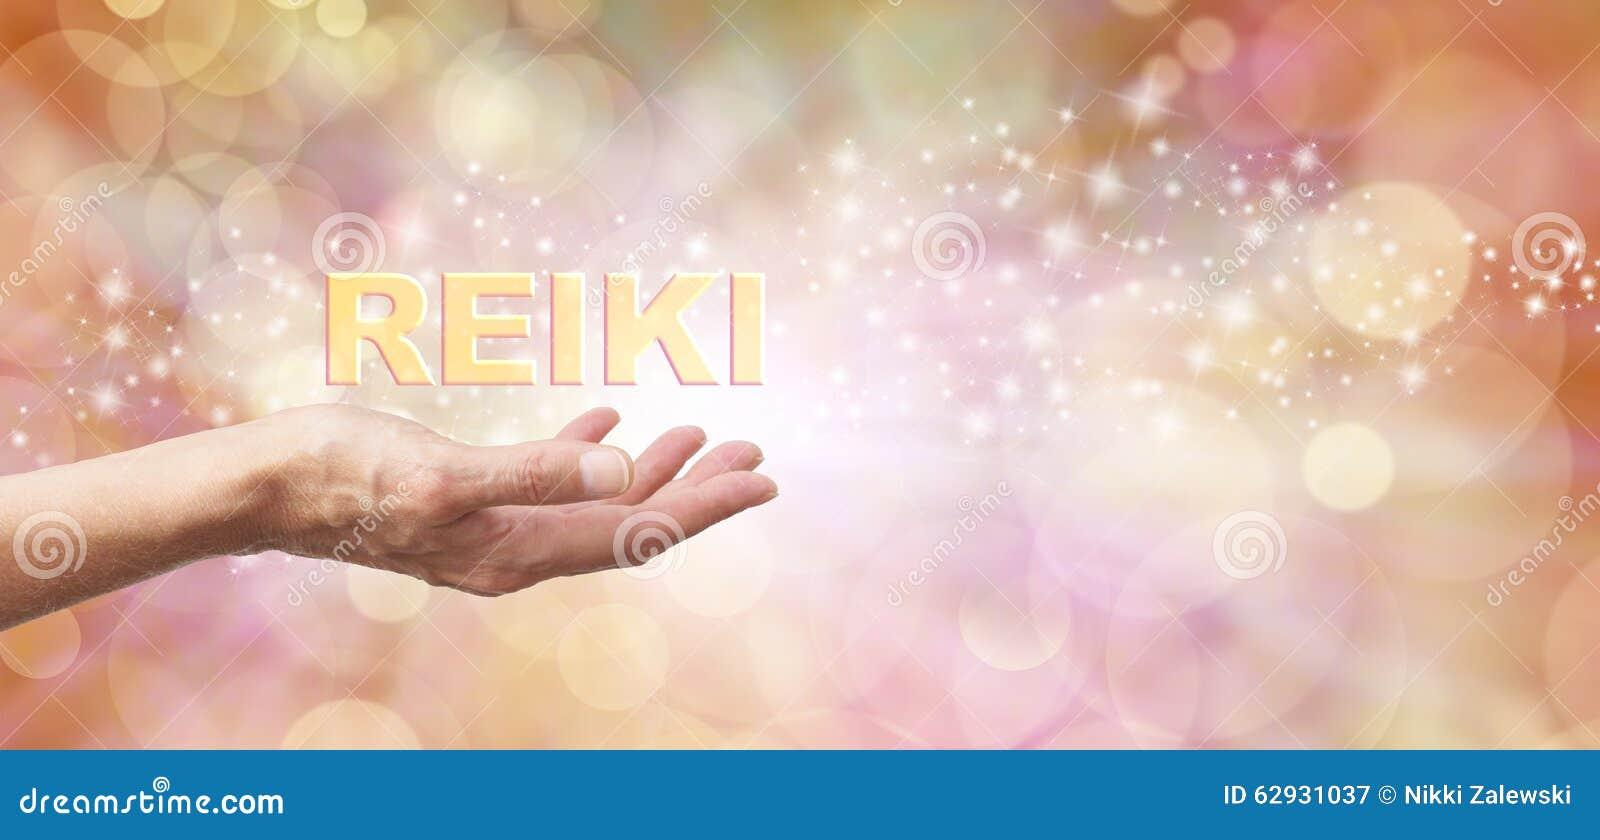 Golden Reiki Healing Energy Share Stock Image